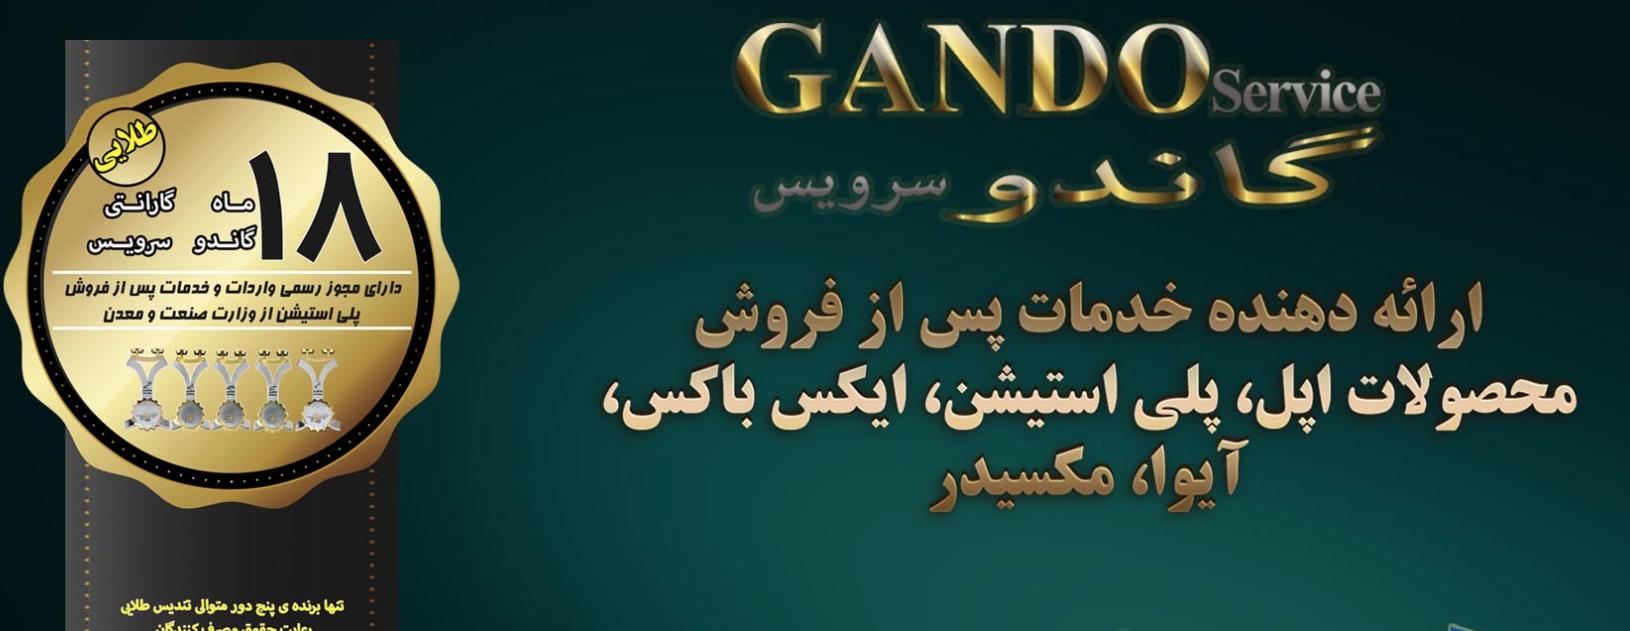 گاندو سرویس